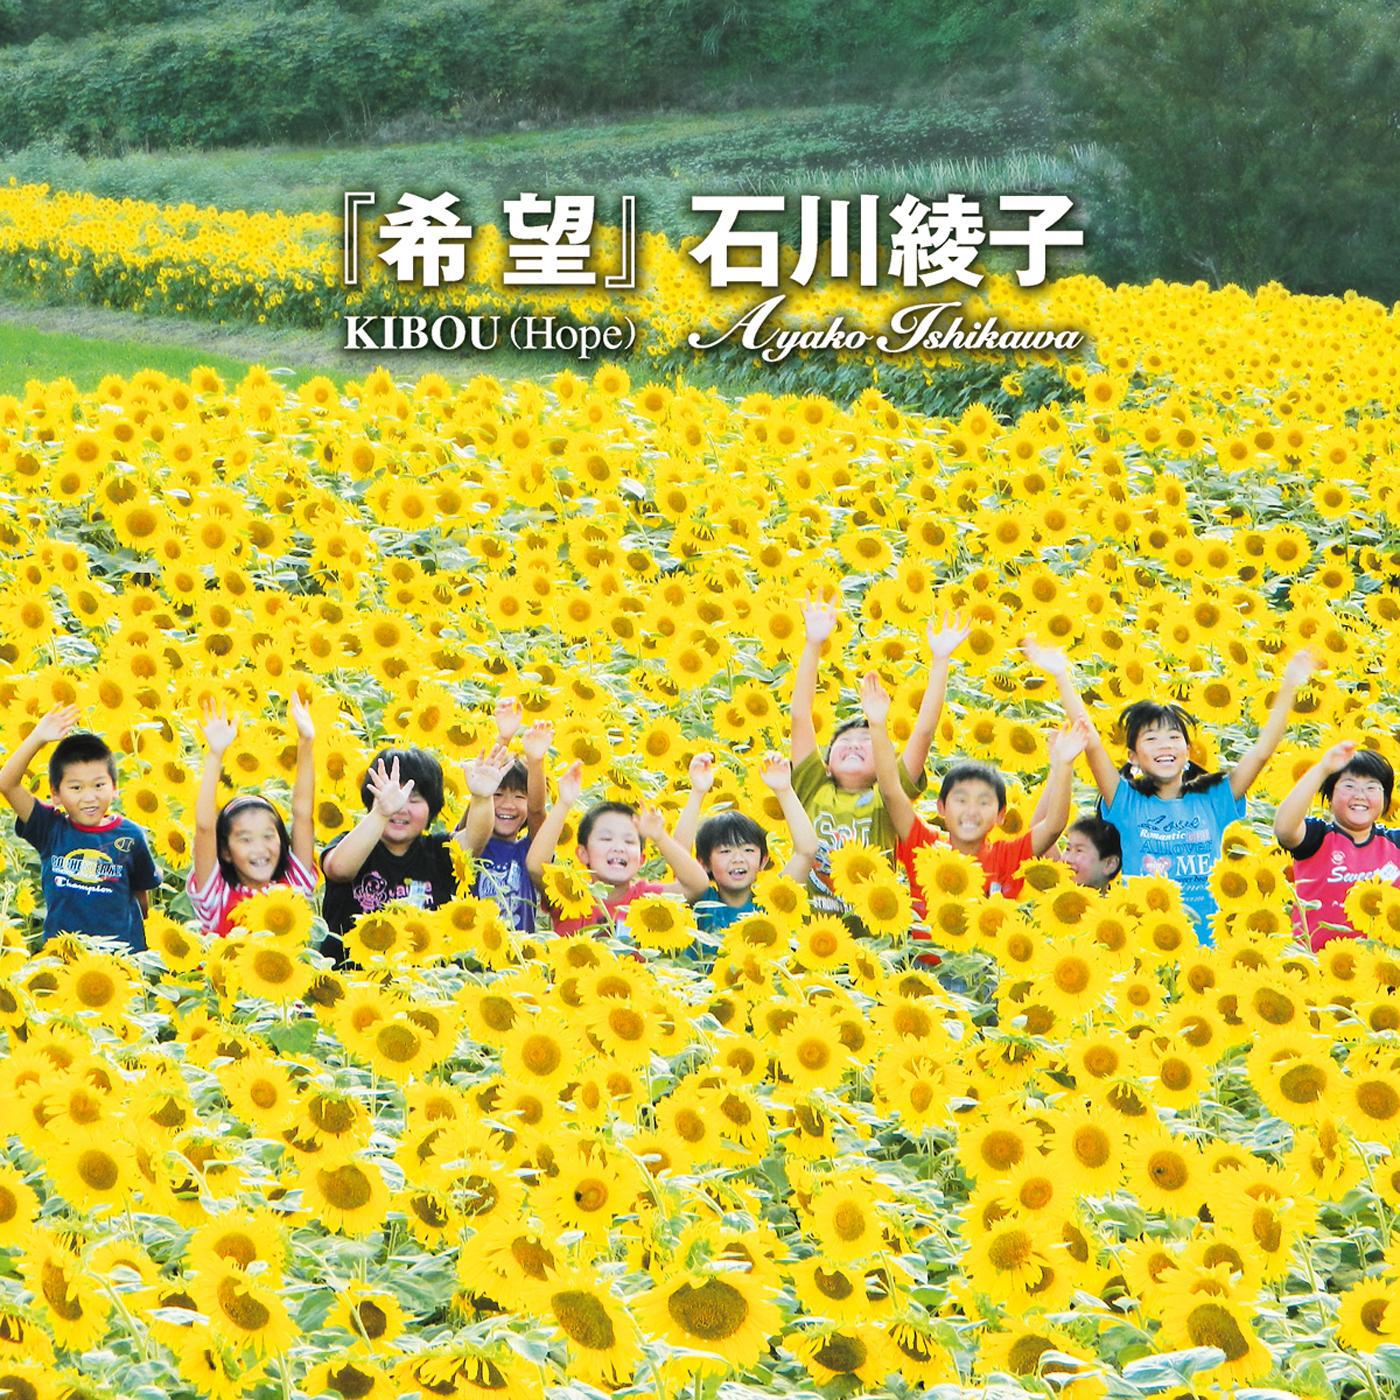 石川綾子 (いしかわあやこ) シングル『希望』 KIBOU(Hope)東日本大震災復興支援 CD+DVD 2枚組〈収益金全額寄付〉(2012年7月15日発売) 高画質ジャケット画像